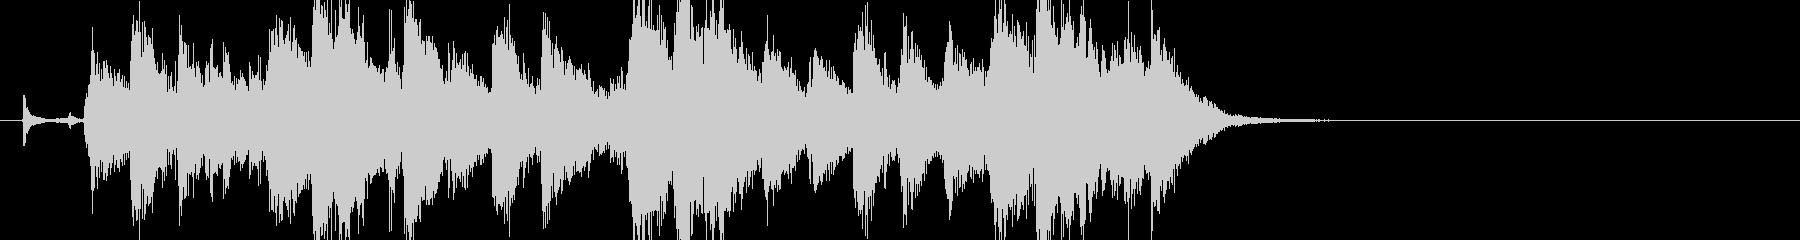 サックスメインのアダルトなジャズジングルの未再生の波形